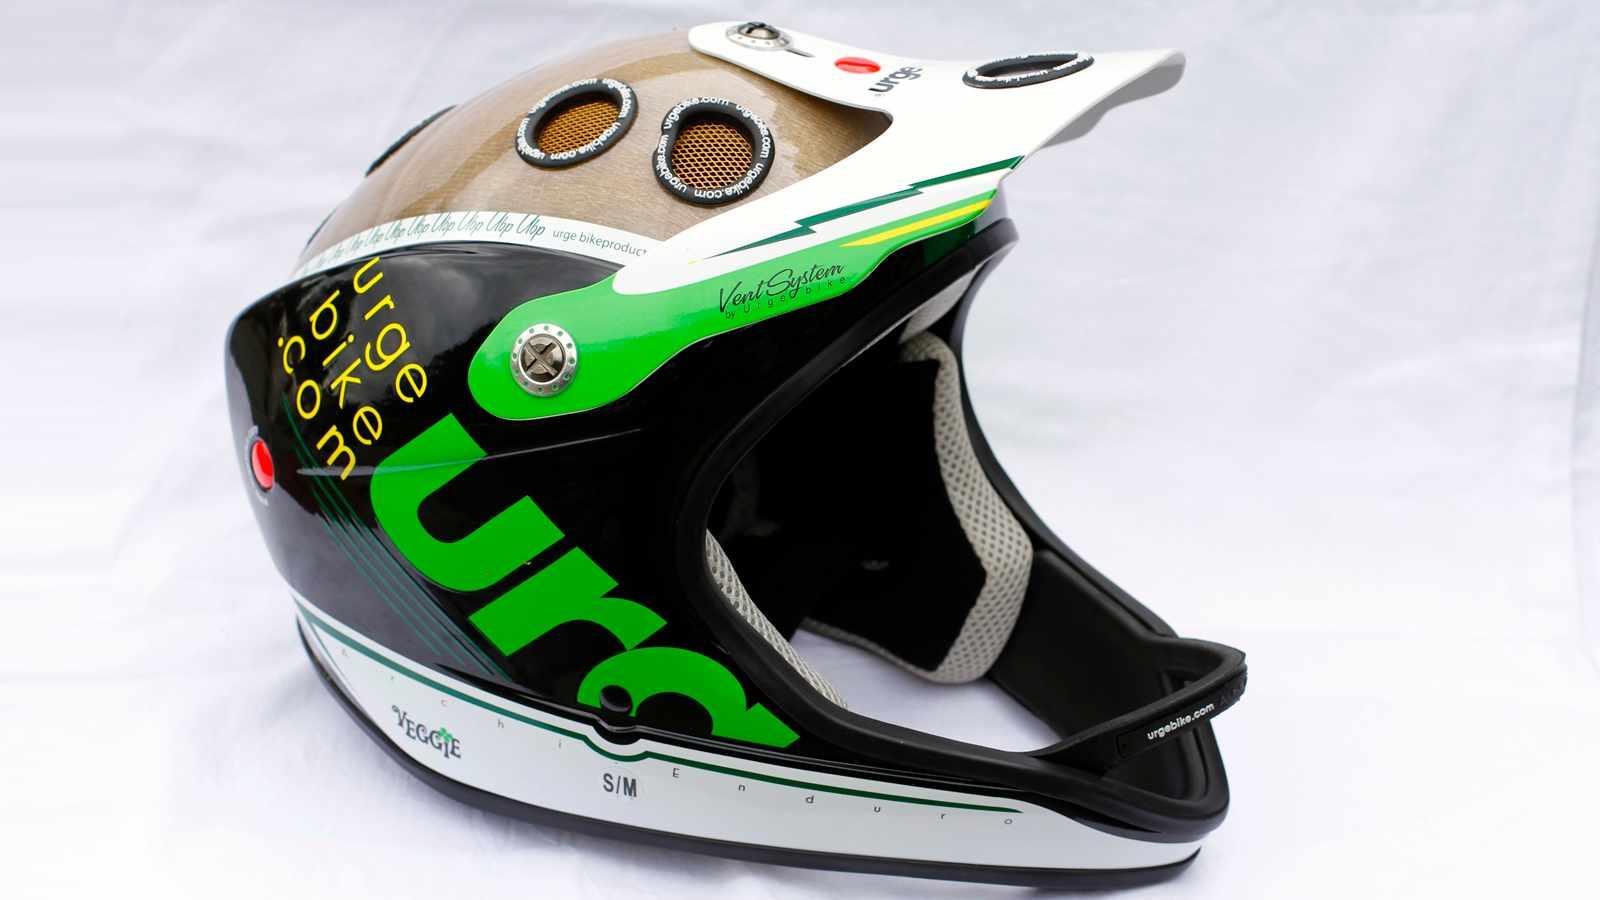 Urge Archi-Enduro Veggie full face helmet